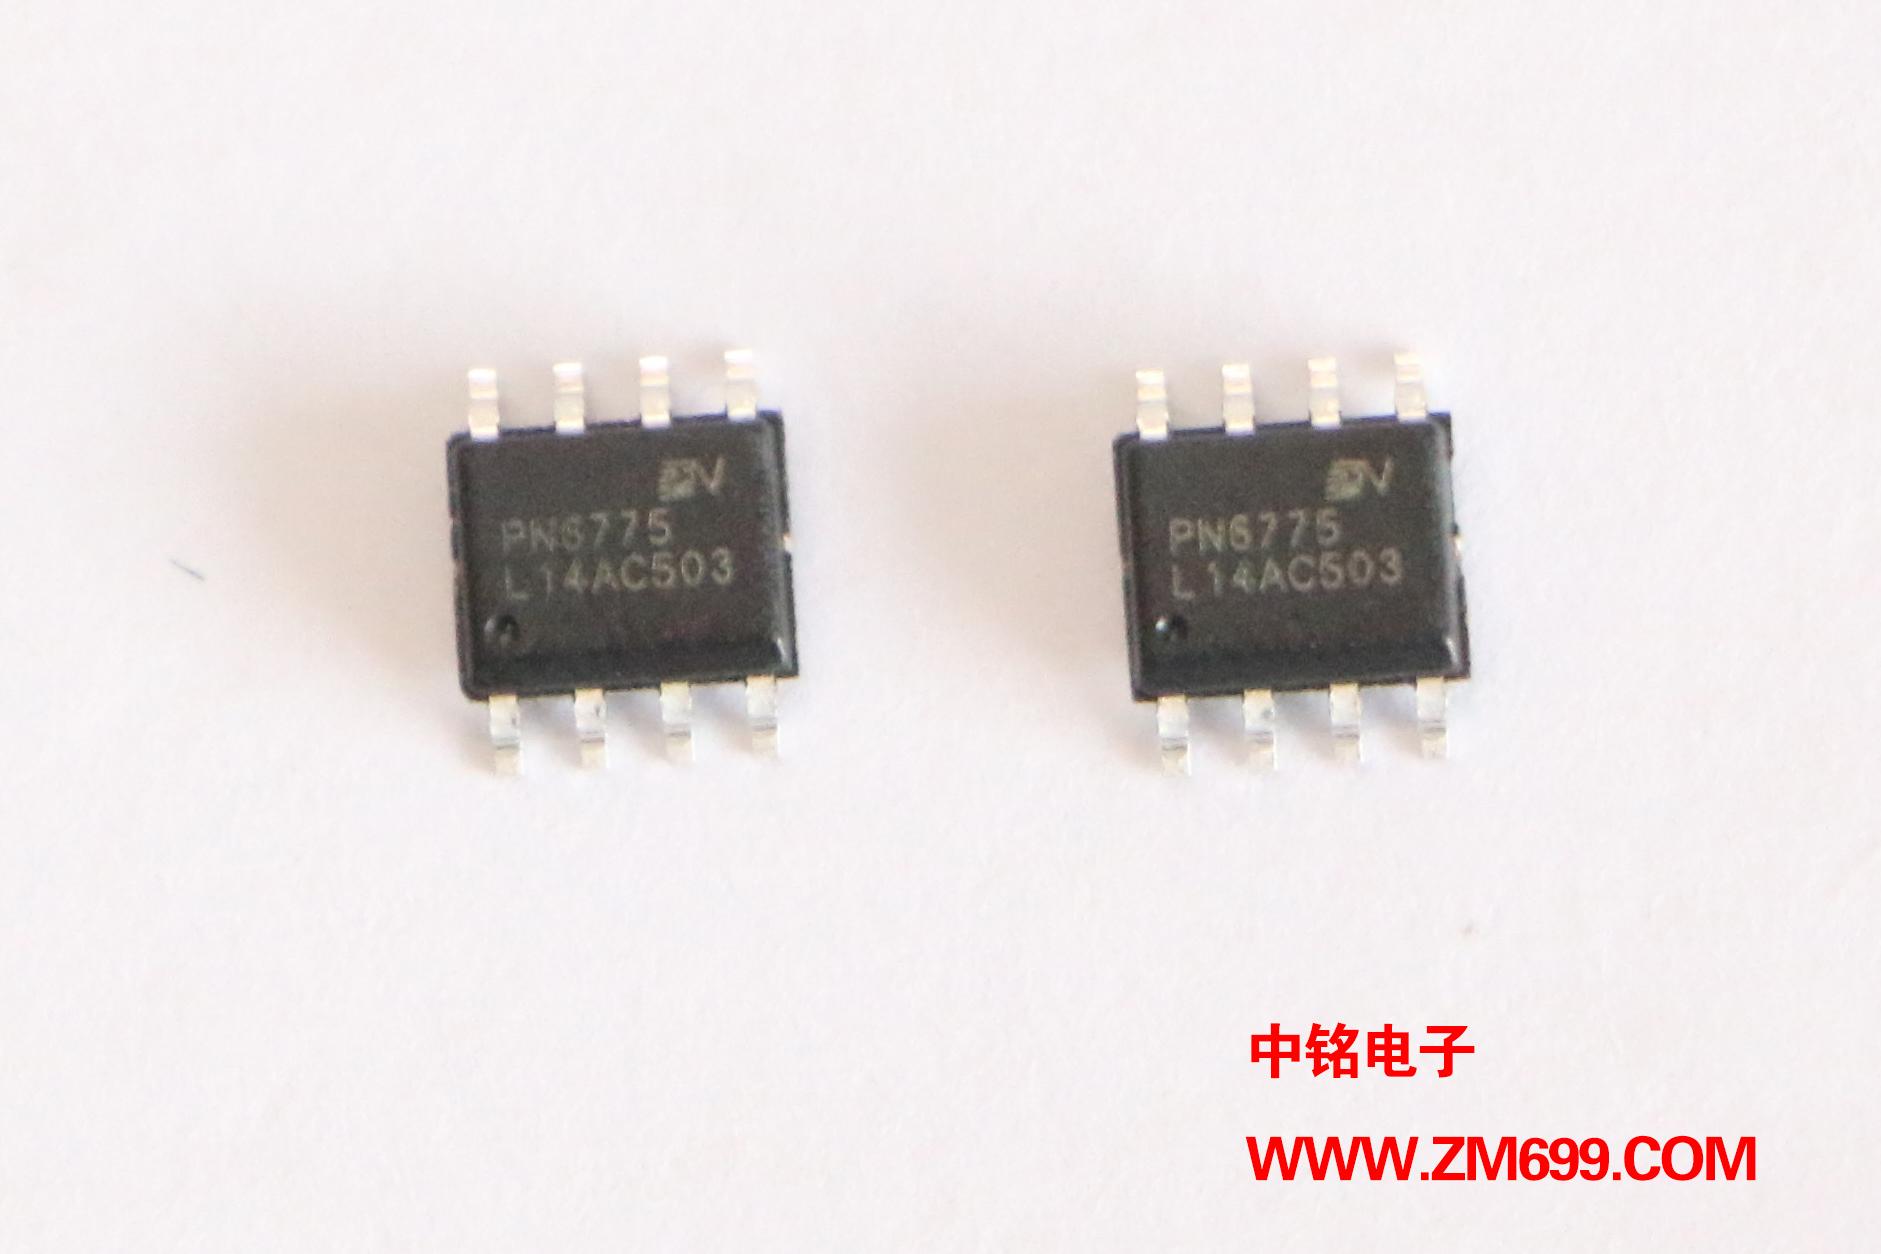 用于高性能、外围元器件精简的充电器、适配器和内置电源转换器--PN6775